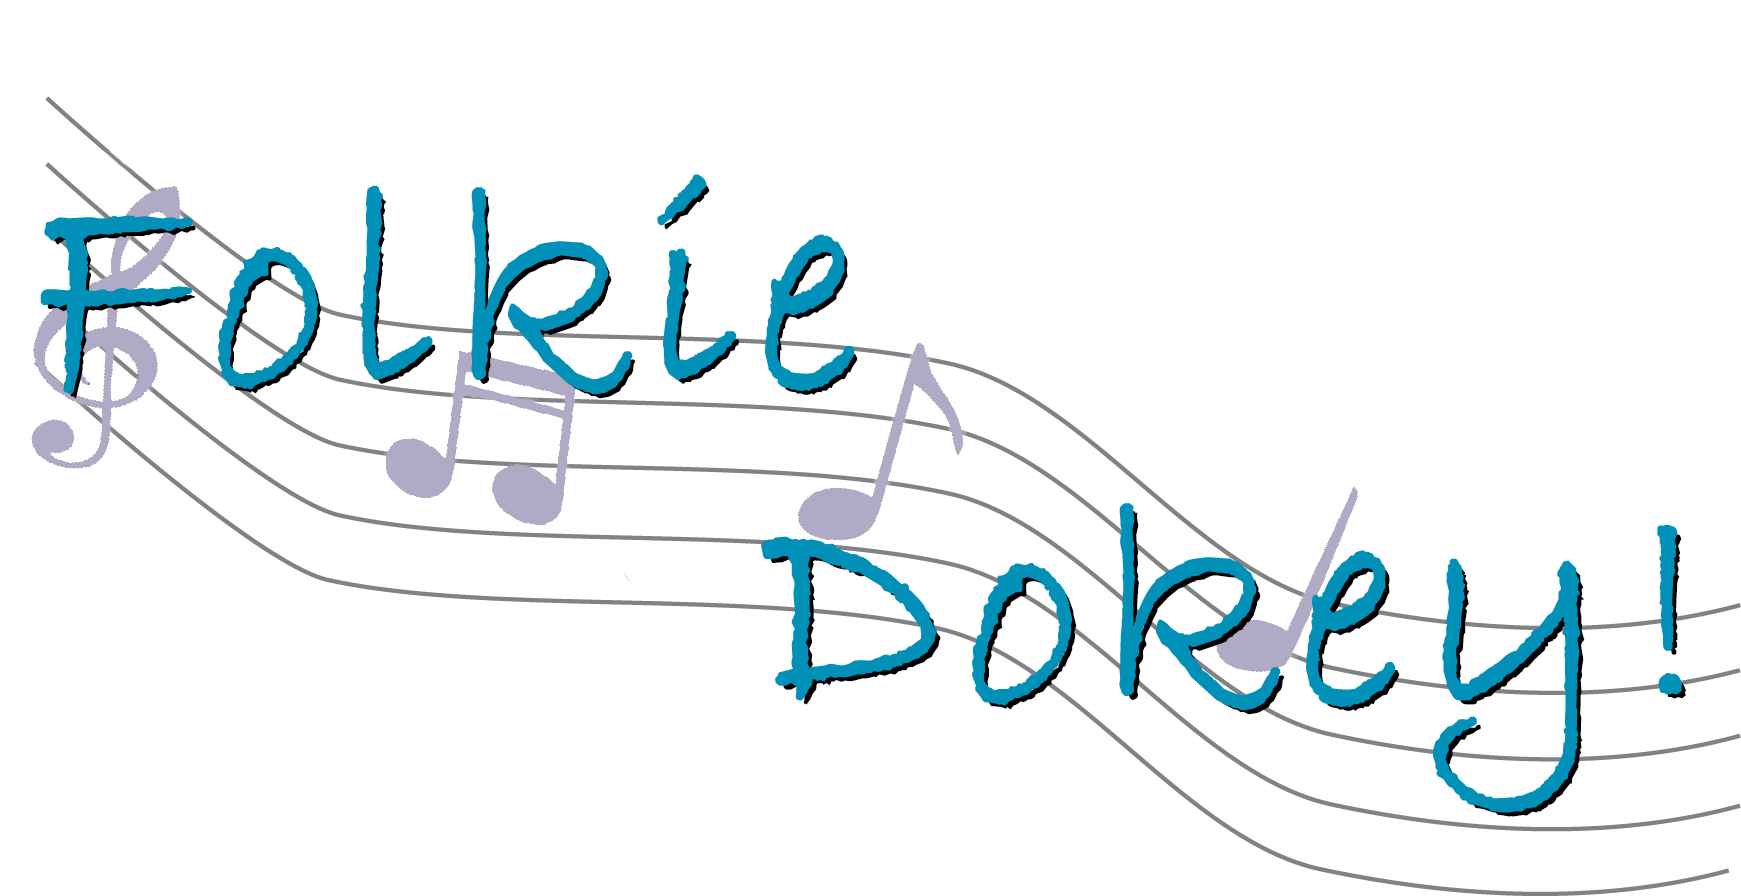 Folkie Dokey